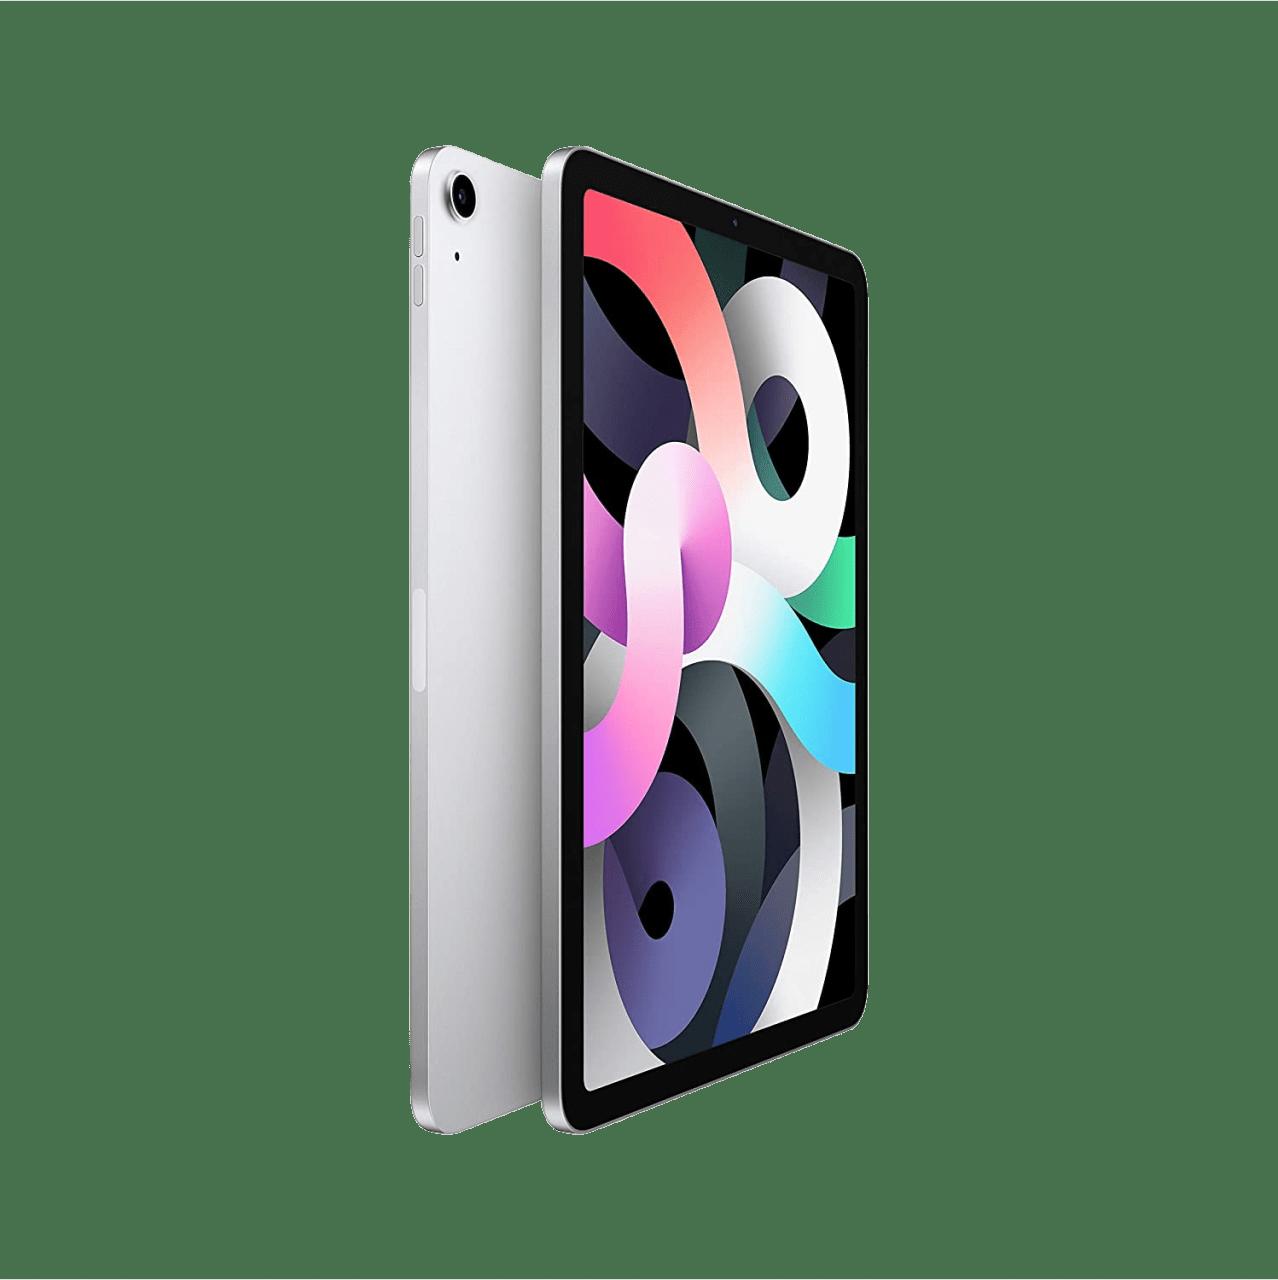 Silver Apple iPad Air WiFi 64GB (2020).2